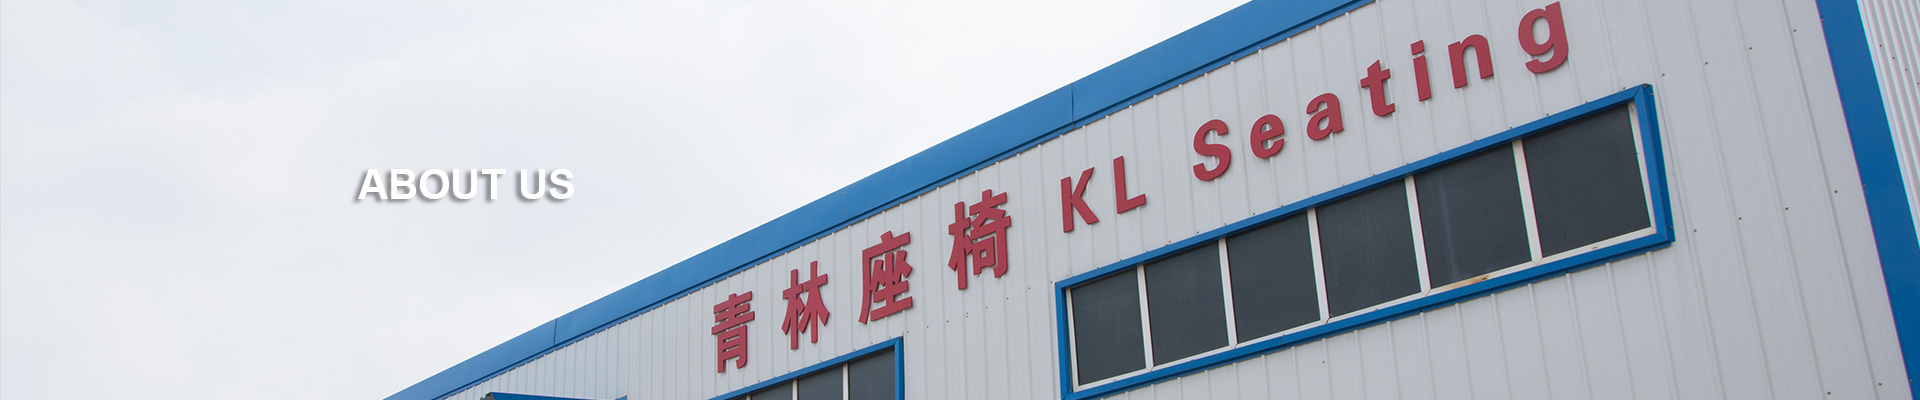 KL  Seating